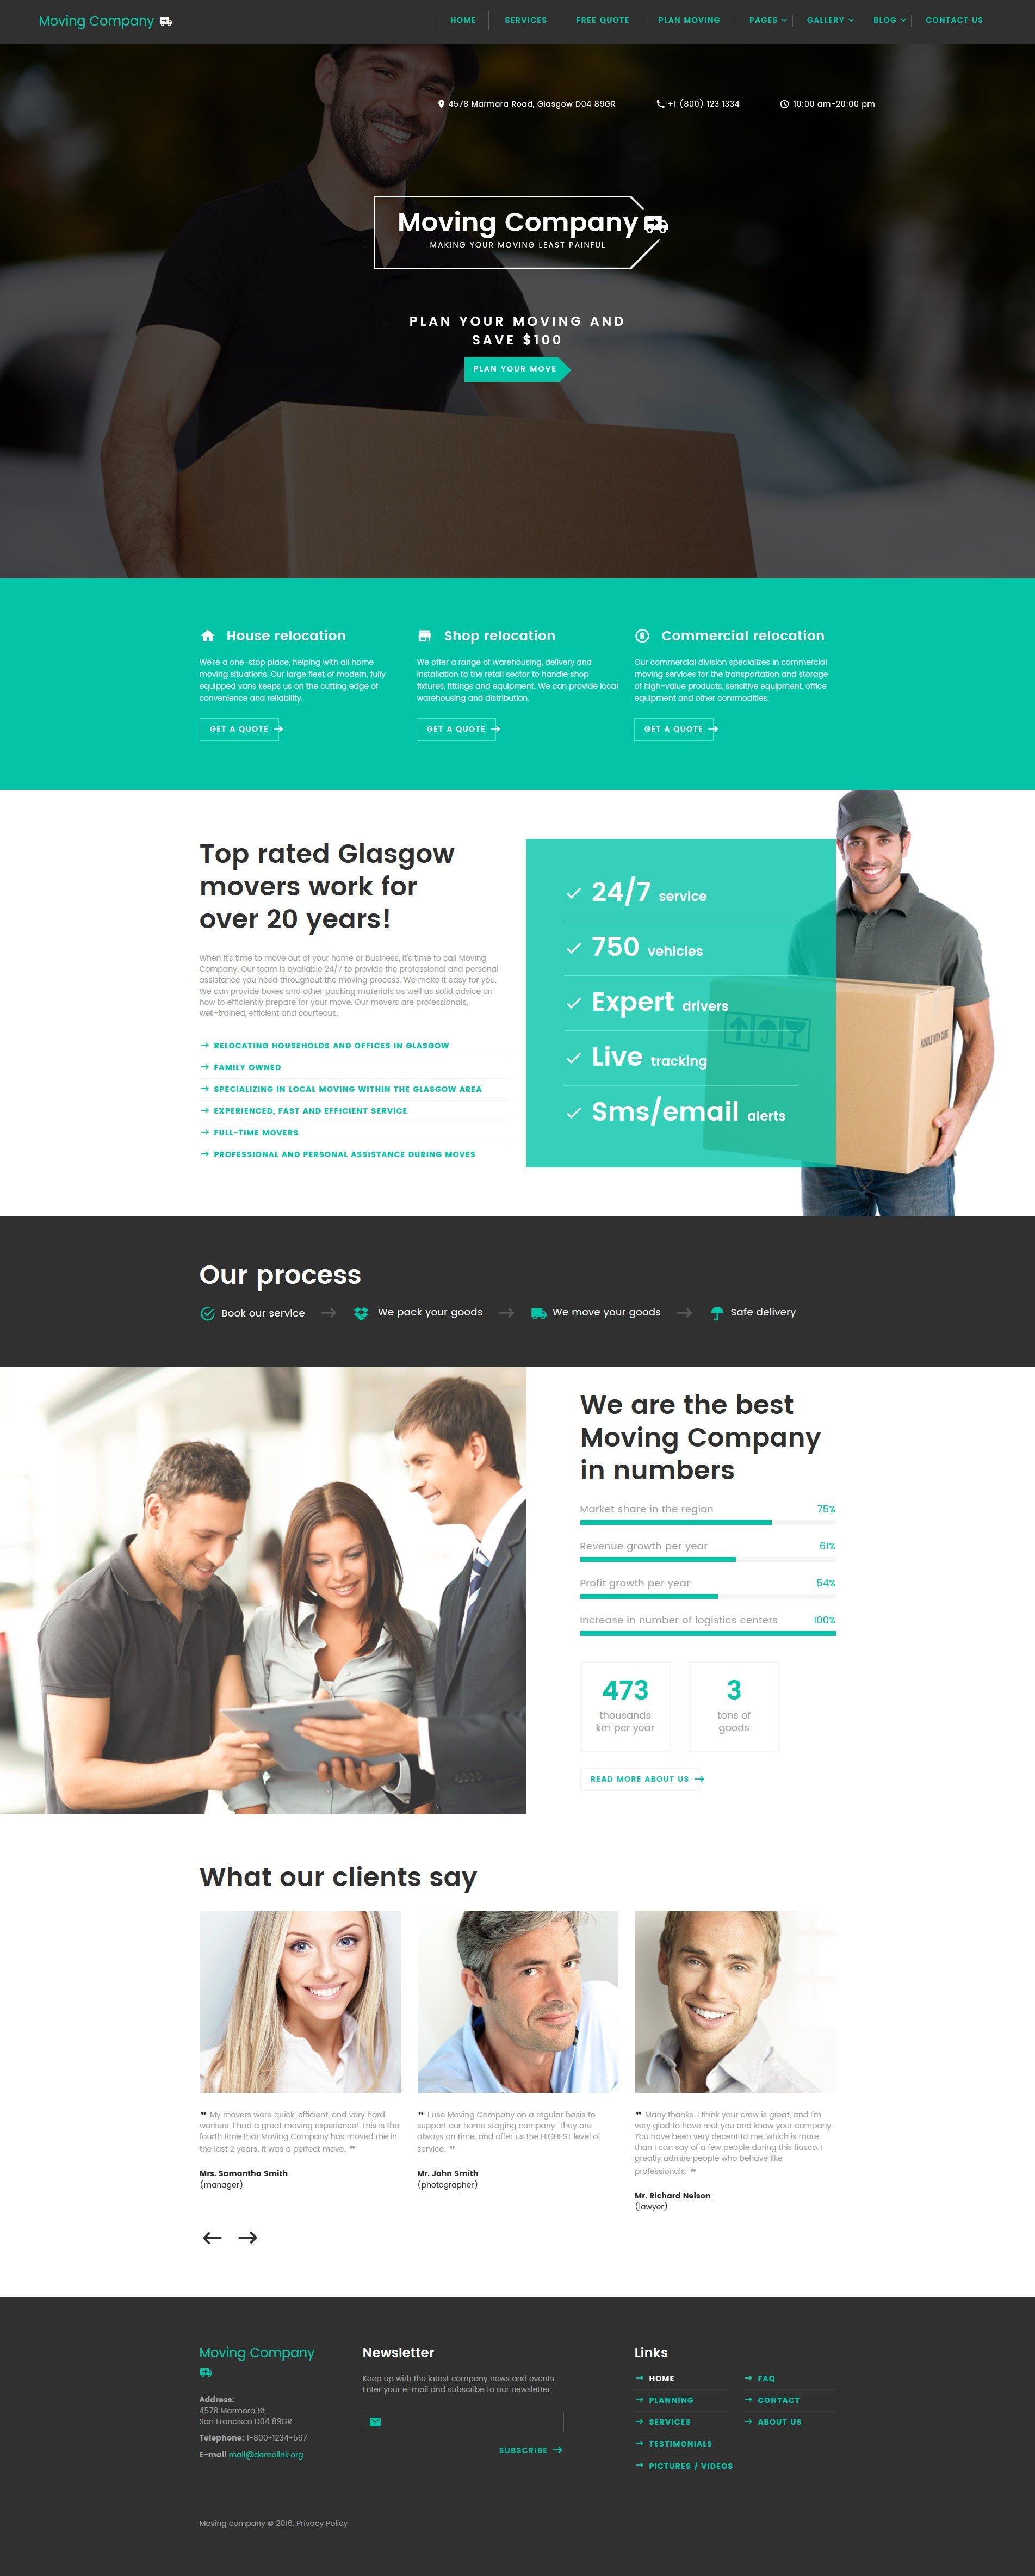 Responsive Website template over Verhuisbedrijf №58973